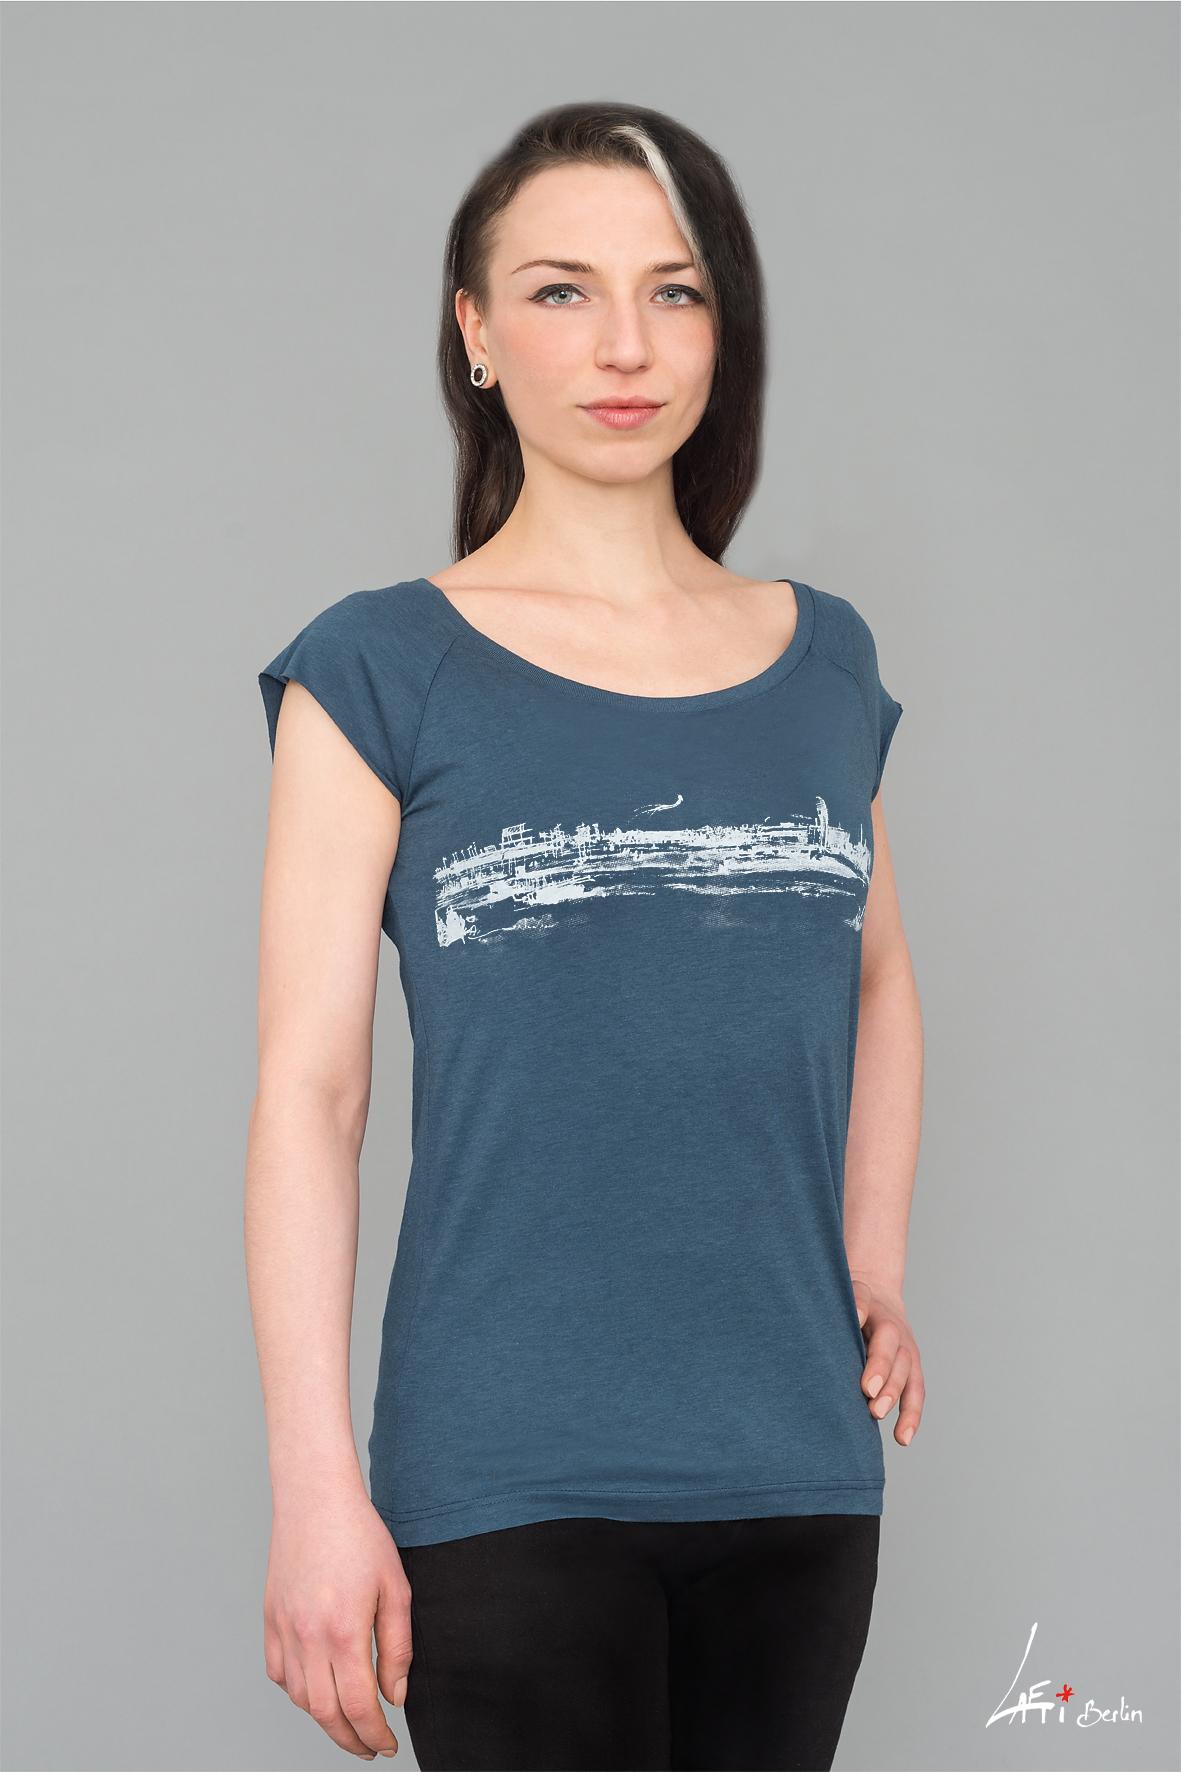 Tempelhof - T-shirt Bamboo, Denim Blue- Woman